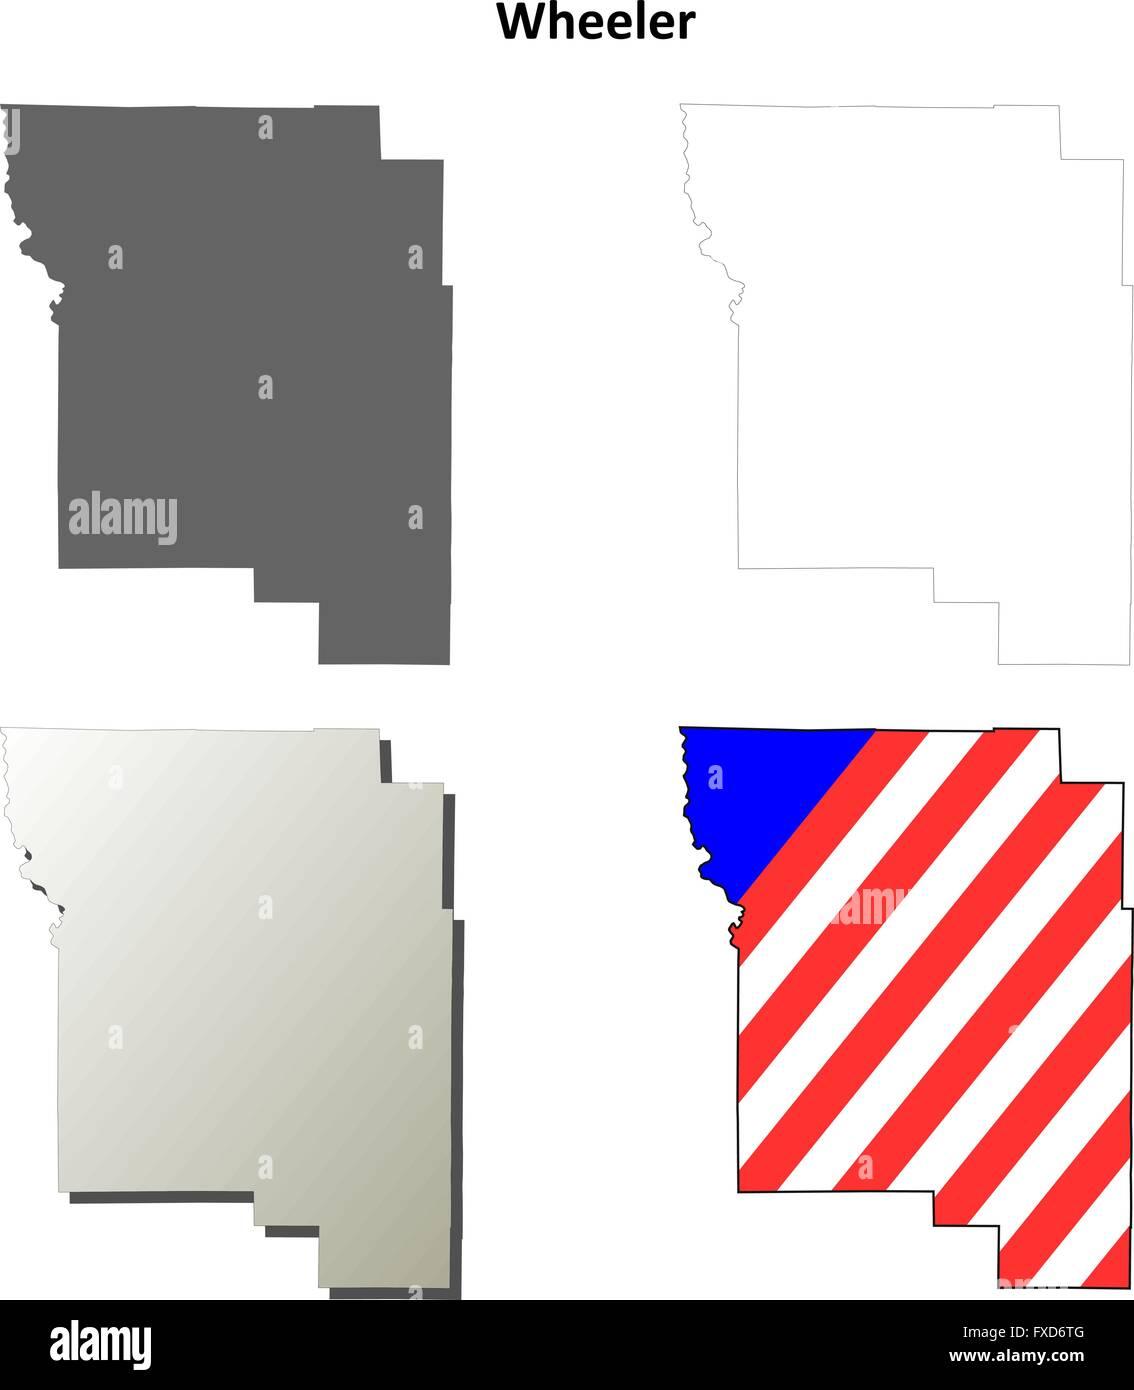 Wheeler Oregon Map.Wheeler County Oregon Outline Map Set Stock Vector Art